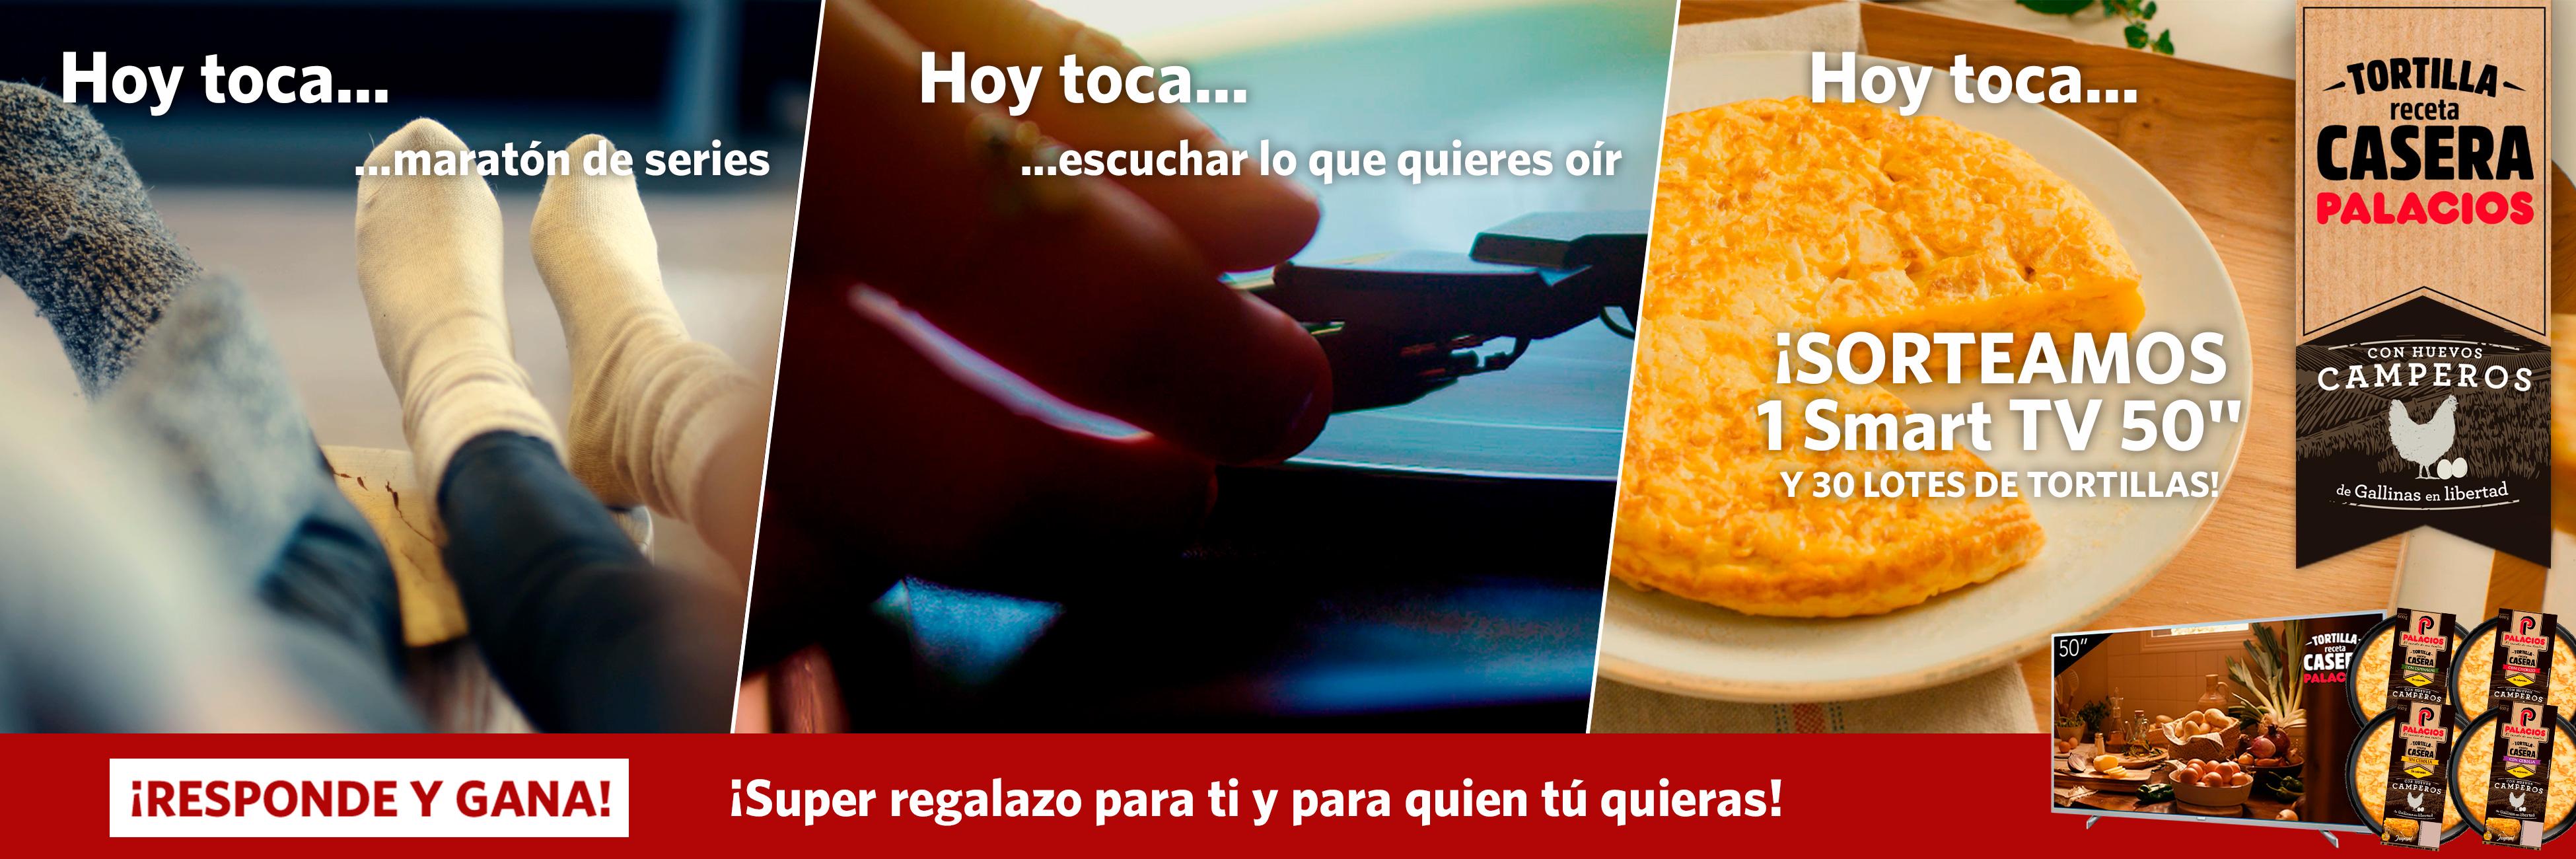 Hoy toca… Tortilla Palacios Receta Casera con Huevos Camperos